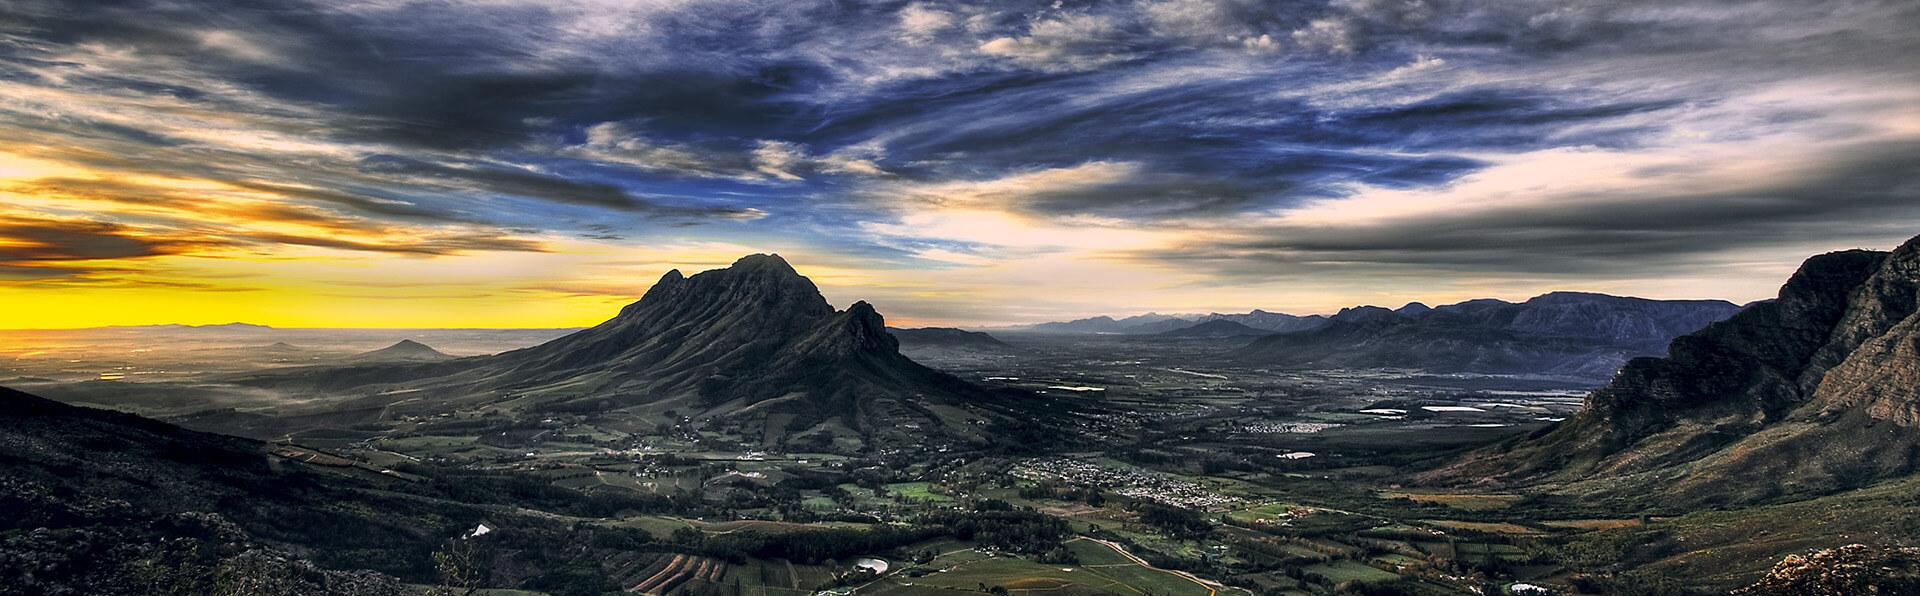 Stellenbosch Wine Routes Stellenbosch landscape - Image credit Dom Wills